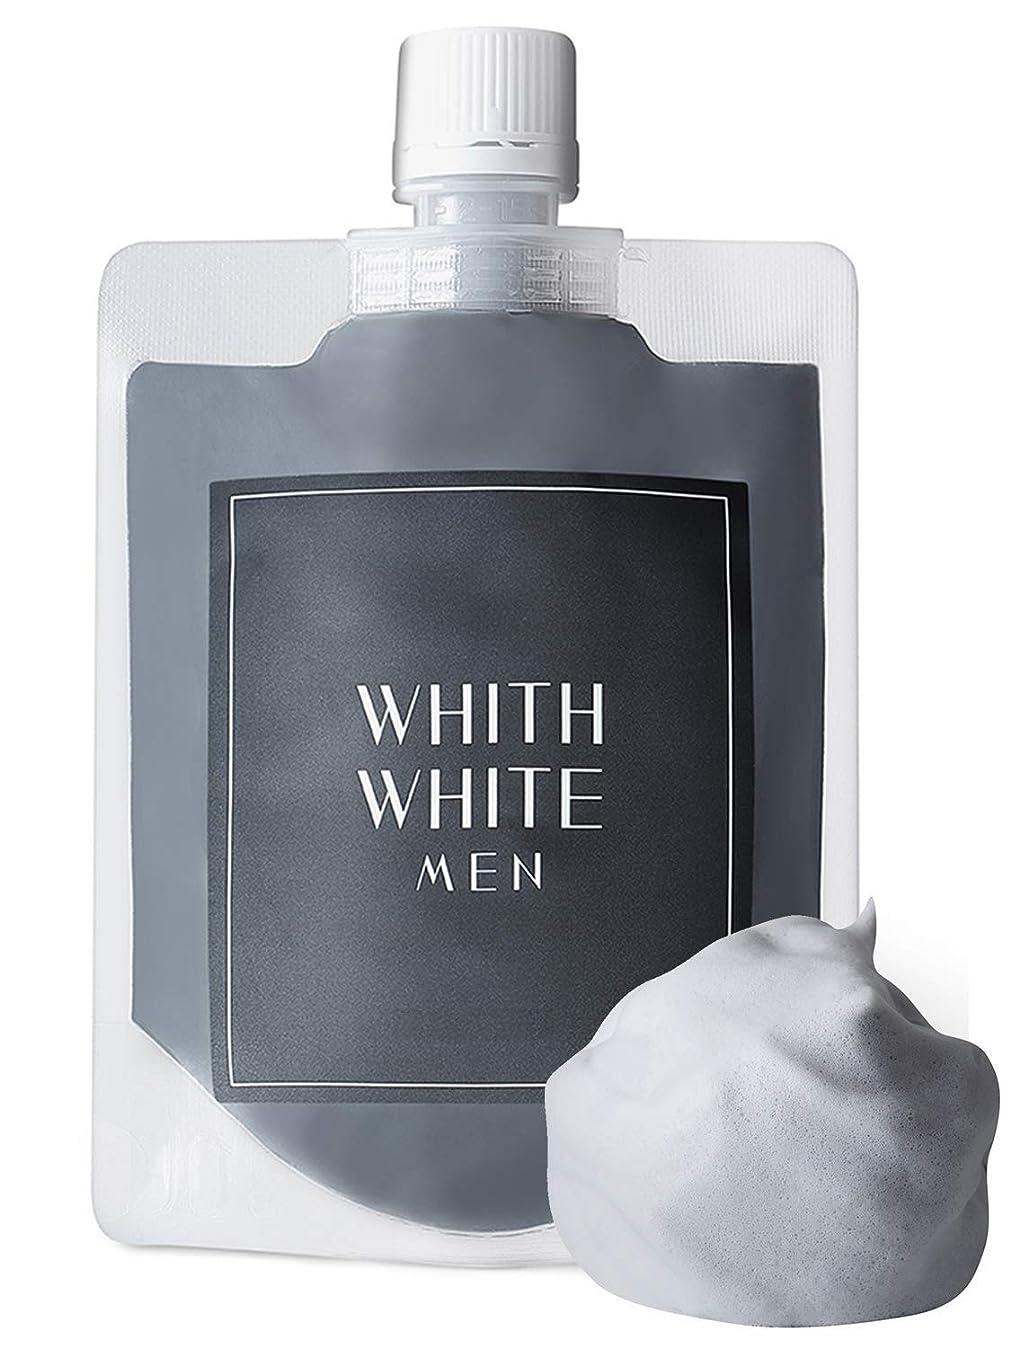 義務付けられたスプリットウェブフィス ホワイト メンズ 泥 洗顔 ネット 付き 8つの 無添加 洗顔フォーム (炭 泡 クレイ で 顔 汚れ を 落とす) (日本製 洗顔料 130g リッチ セット)(どろ で 毛穴 を ごっそり 除去)